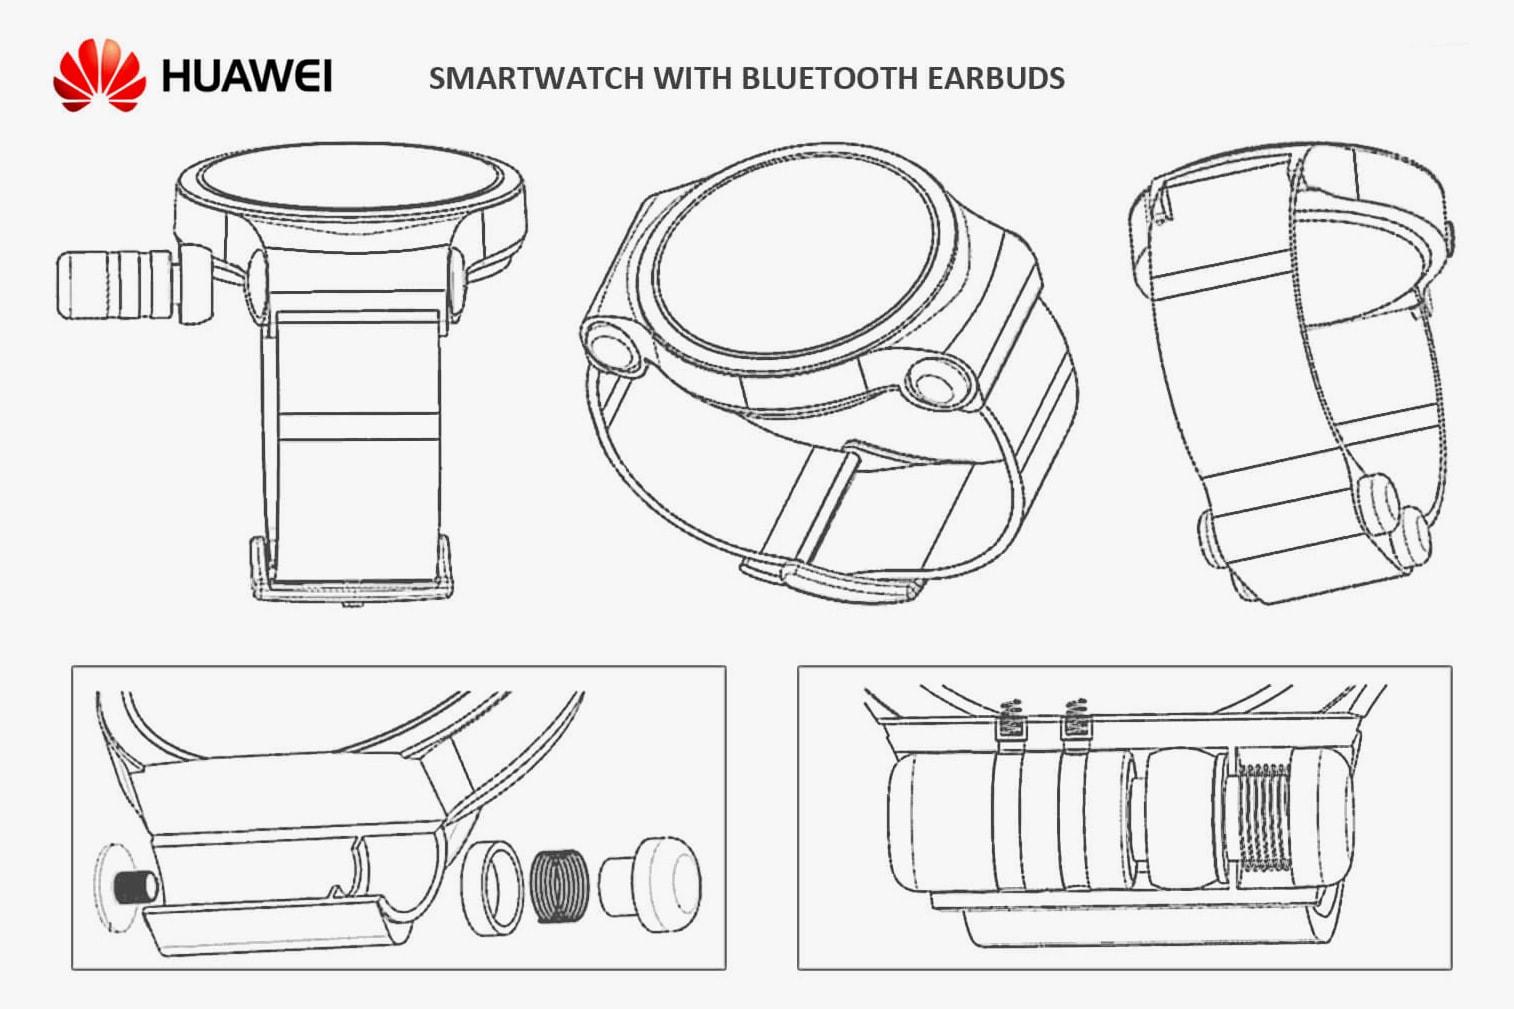 Huawei Patented Smartwatch Wireless Earbuds Bluetooth World Intellectual Property Organization